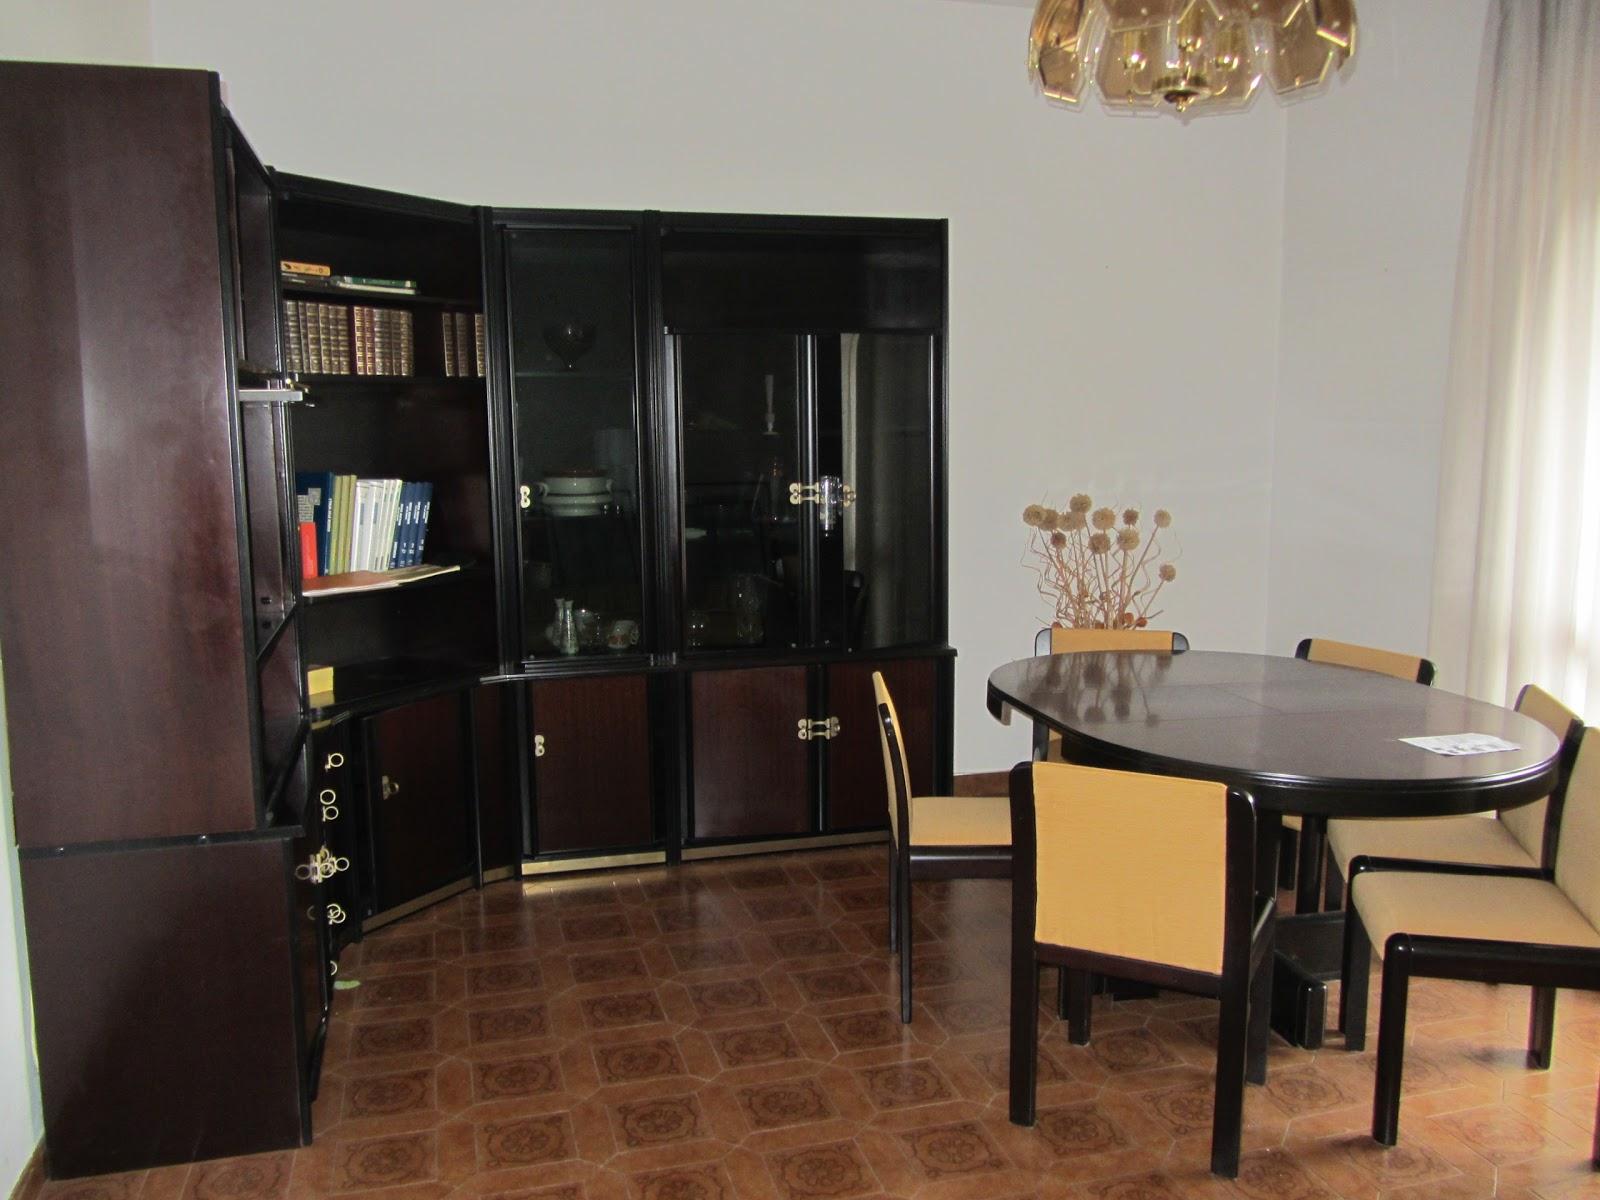 Mobili Sala Da Pranzo Prezzi : Madi s primo esperimento di recupero creativo di vecchi mobili